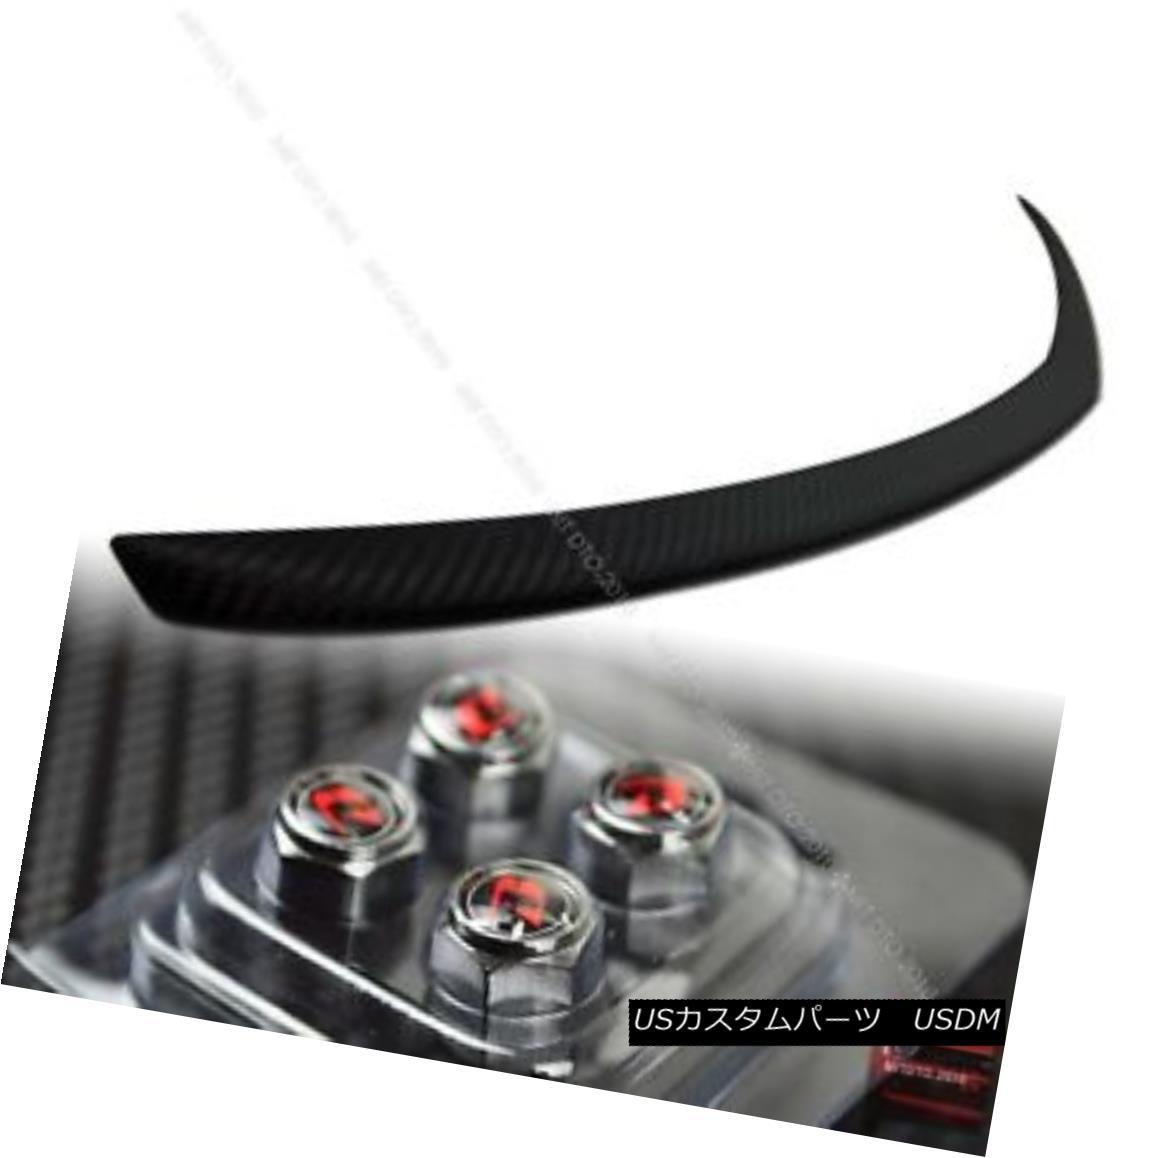 エアロパーツ Black Mercedes エアロパーツ Benz Carbon Fiber Matte Matte Black C207 Coupe A Type Trunk Boot Spoiler § メルセデスベンツカーボンファイバーマットブラックC207クーペAタイプトランクブートスポイラー, ココノエマチ:ff955e8d --- sunward.msk.ru